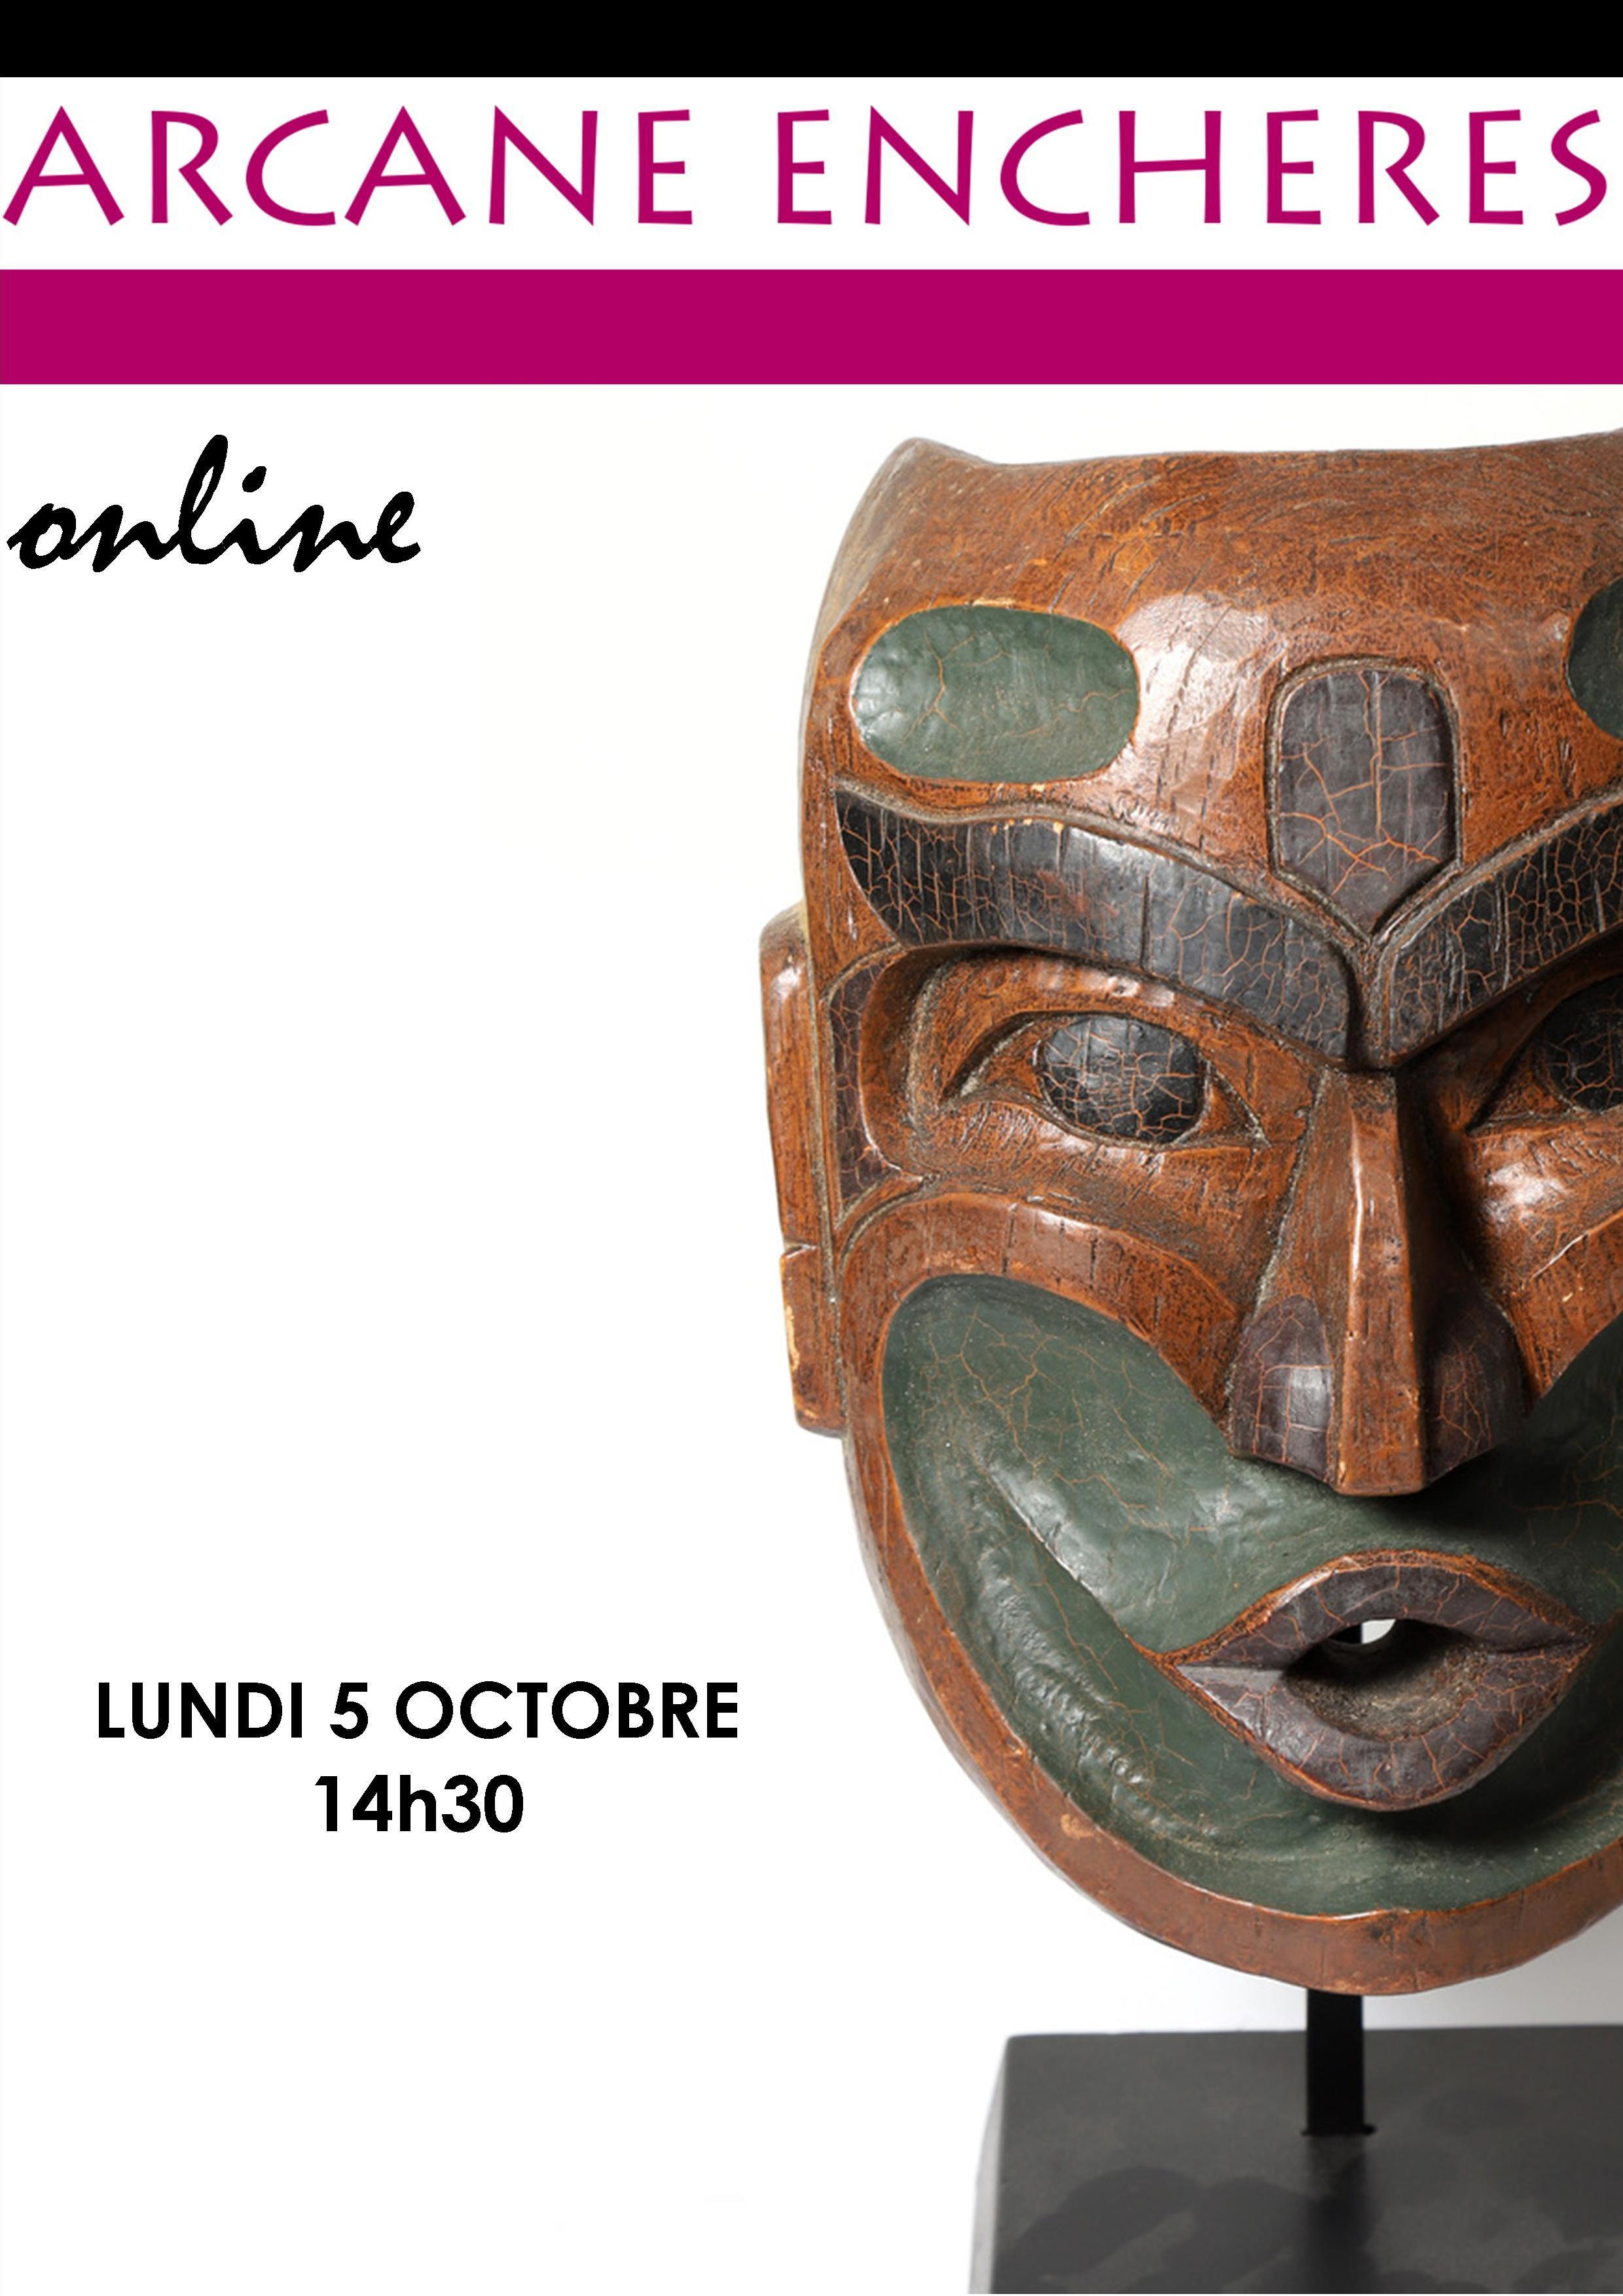 Vente Esprits d'hier et d'aujourd'hui, Alaska - Amérique du Nord - Afrique Masques et Artefacts chez ARCANE ENCHERES : 180 lots